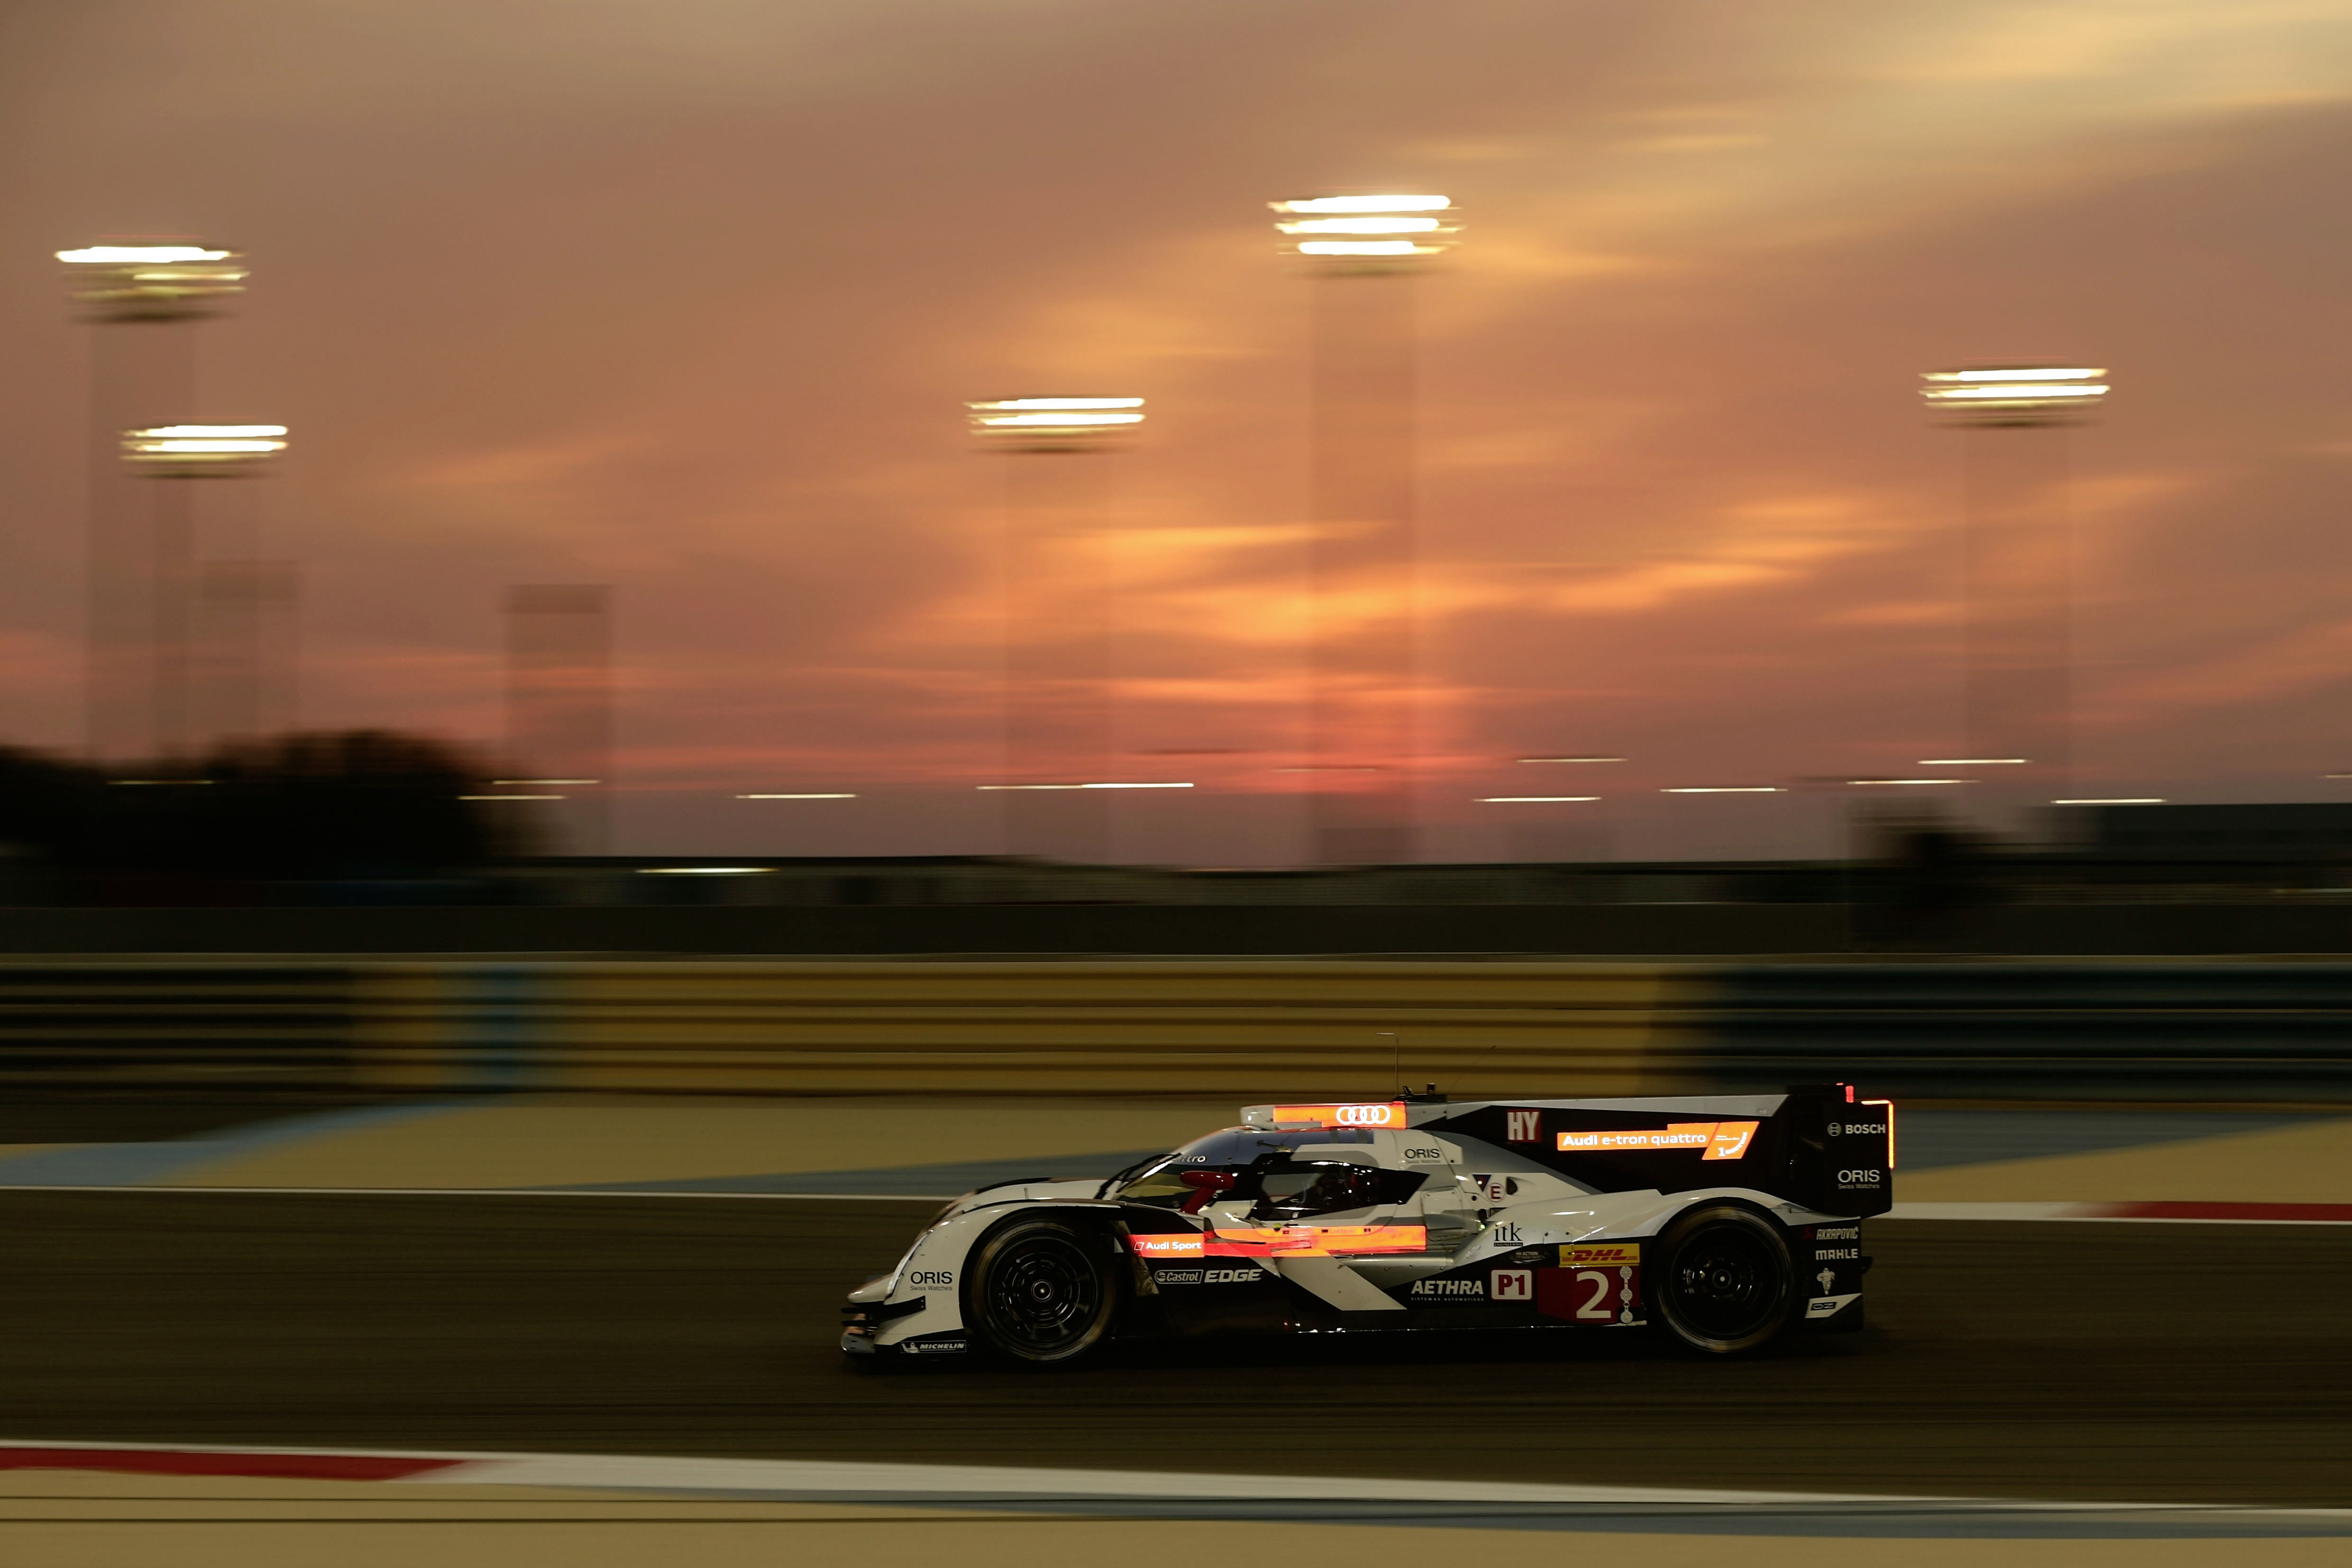 Erstmals steigt das Finale der FIA-Langstrecken-Weltmeisterschaft WEC in Brasilien. Am 30. November wird in S o Paulo der achte WM-Lauf ausgetragen. Zum ersten Mal ist die Titelentscheidung in der Markenwertung auf das letzte Saisonrennen vertagt, nachdem Audi in den ersten beiden WEC-Jahren 2012 und 2013 jeweils vorzeitig Weltmeister war. Fuer Tom Kristensen (DK) bedeutet das Rennen den Abschied vom Profi-Rennsport.